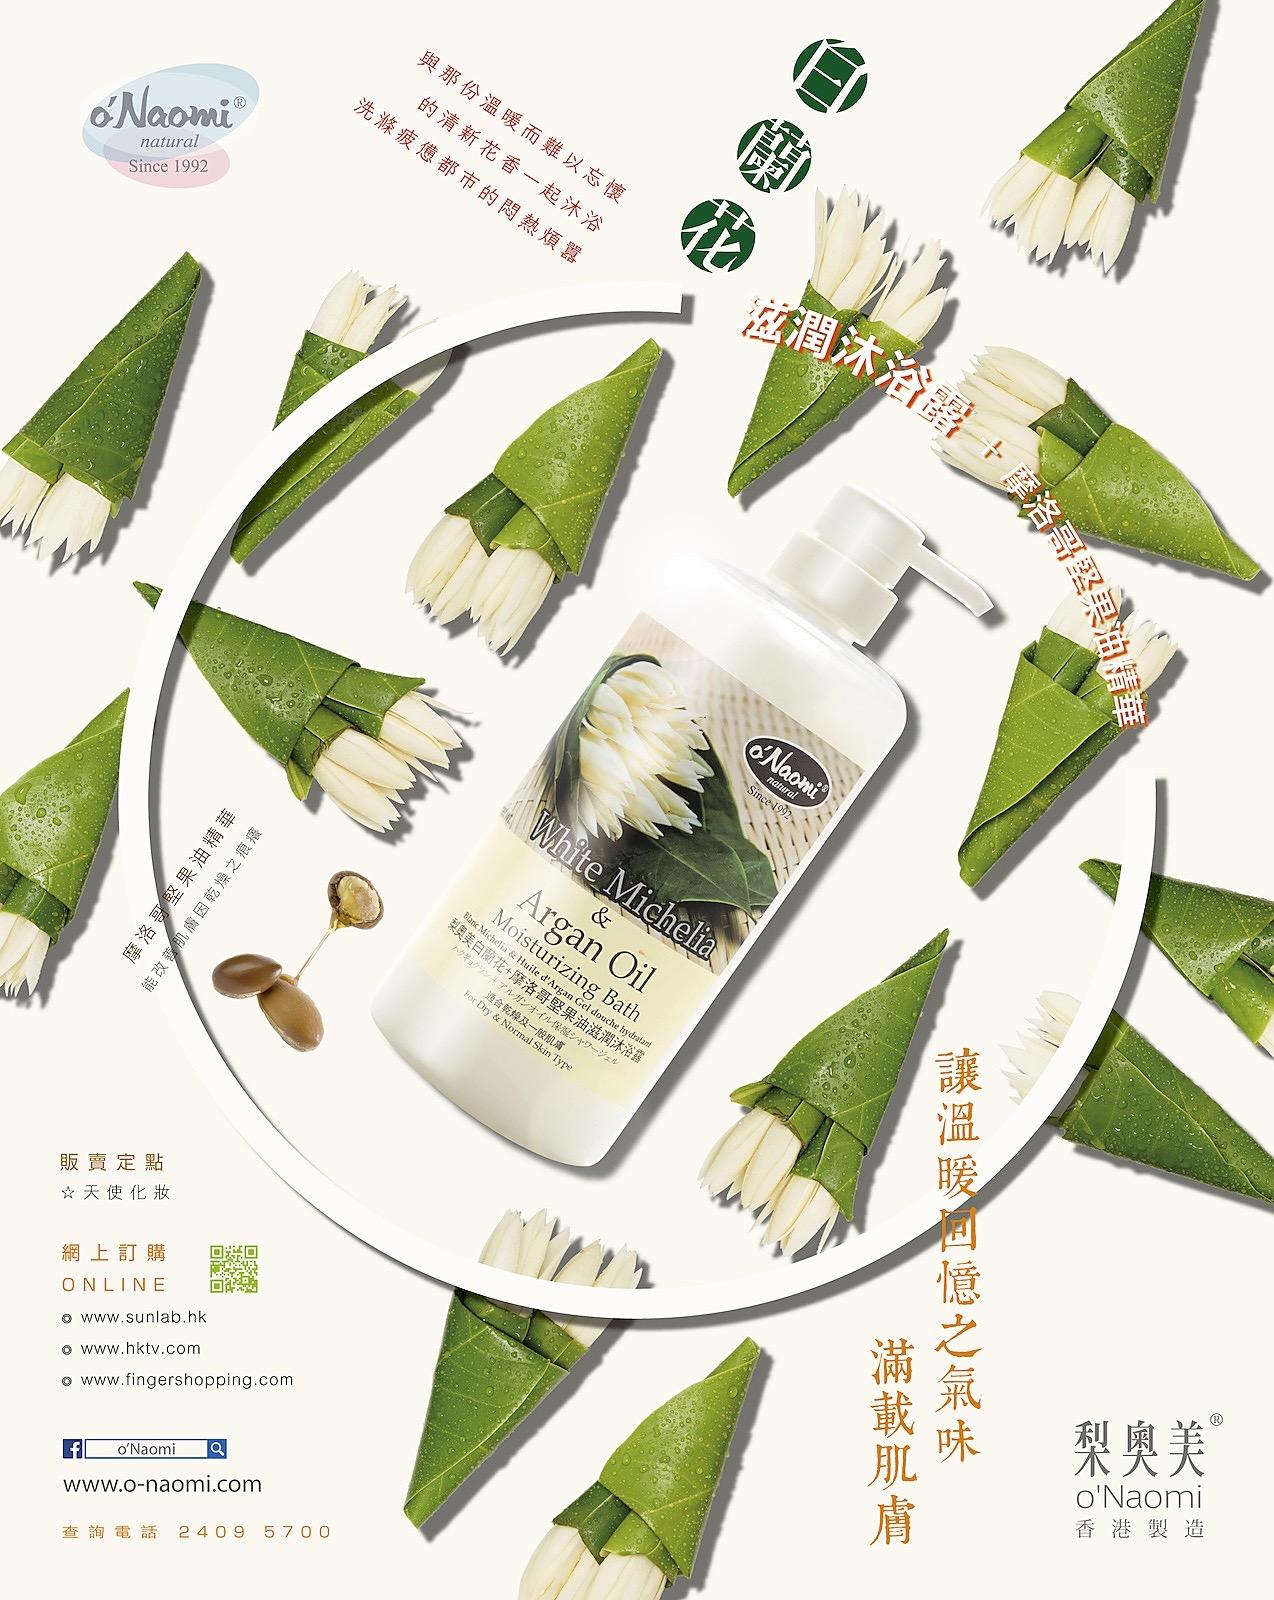 Onaomi White Michelia Argan Oil Bath 03